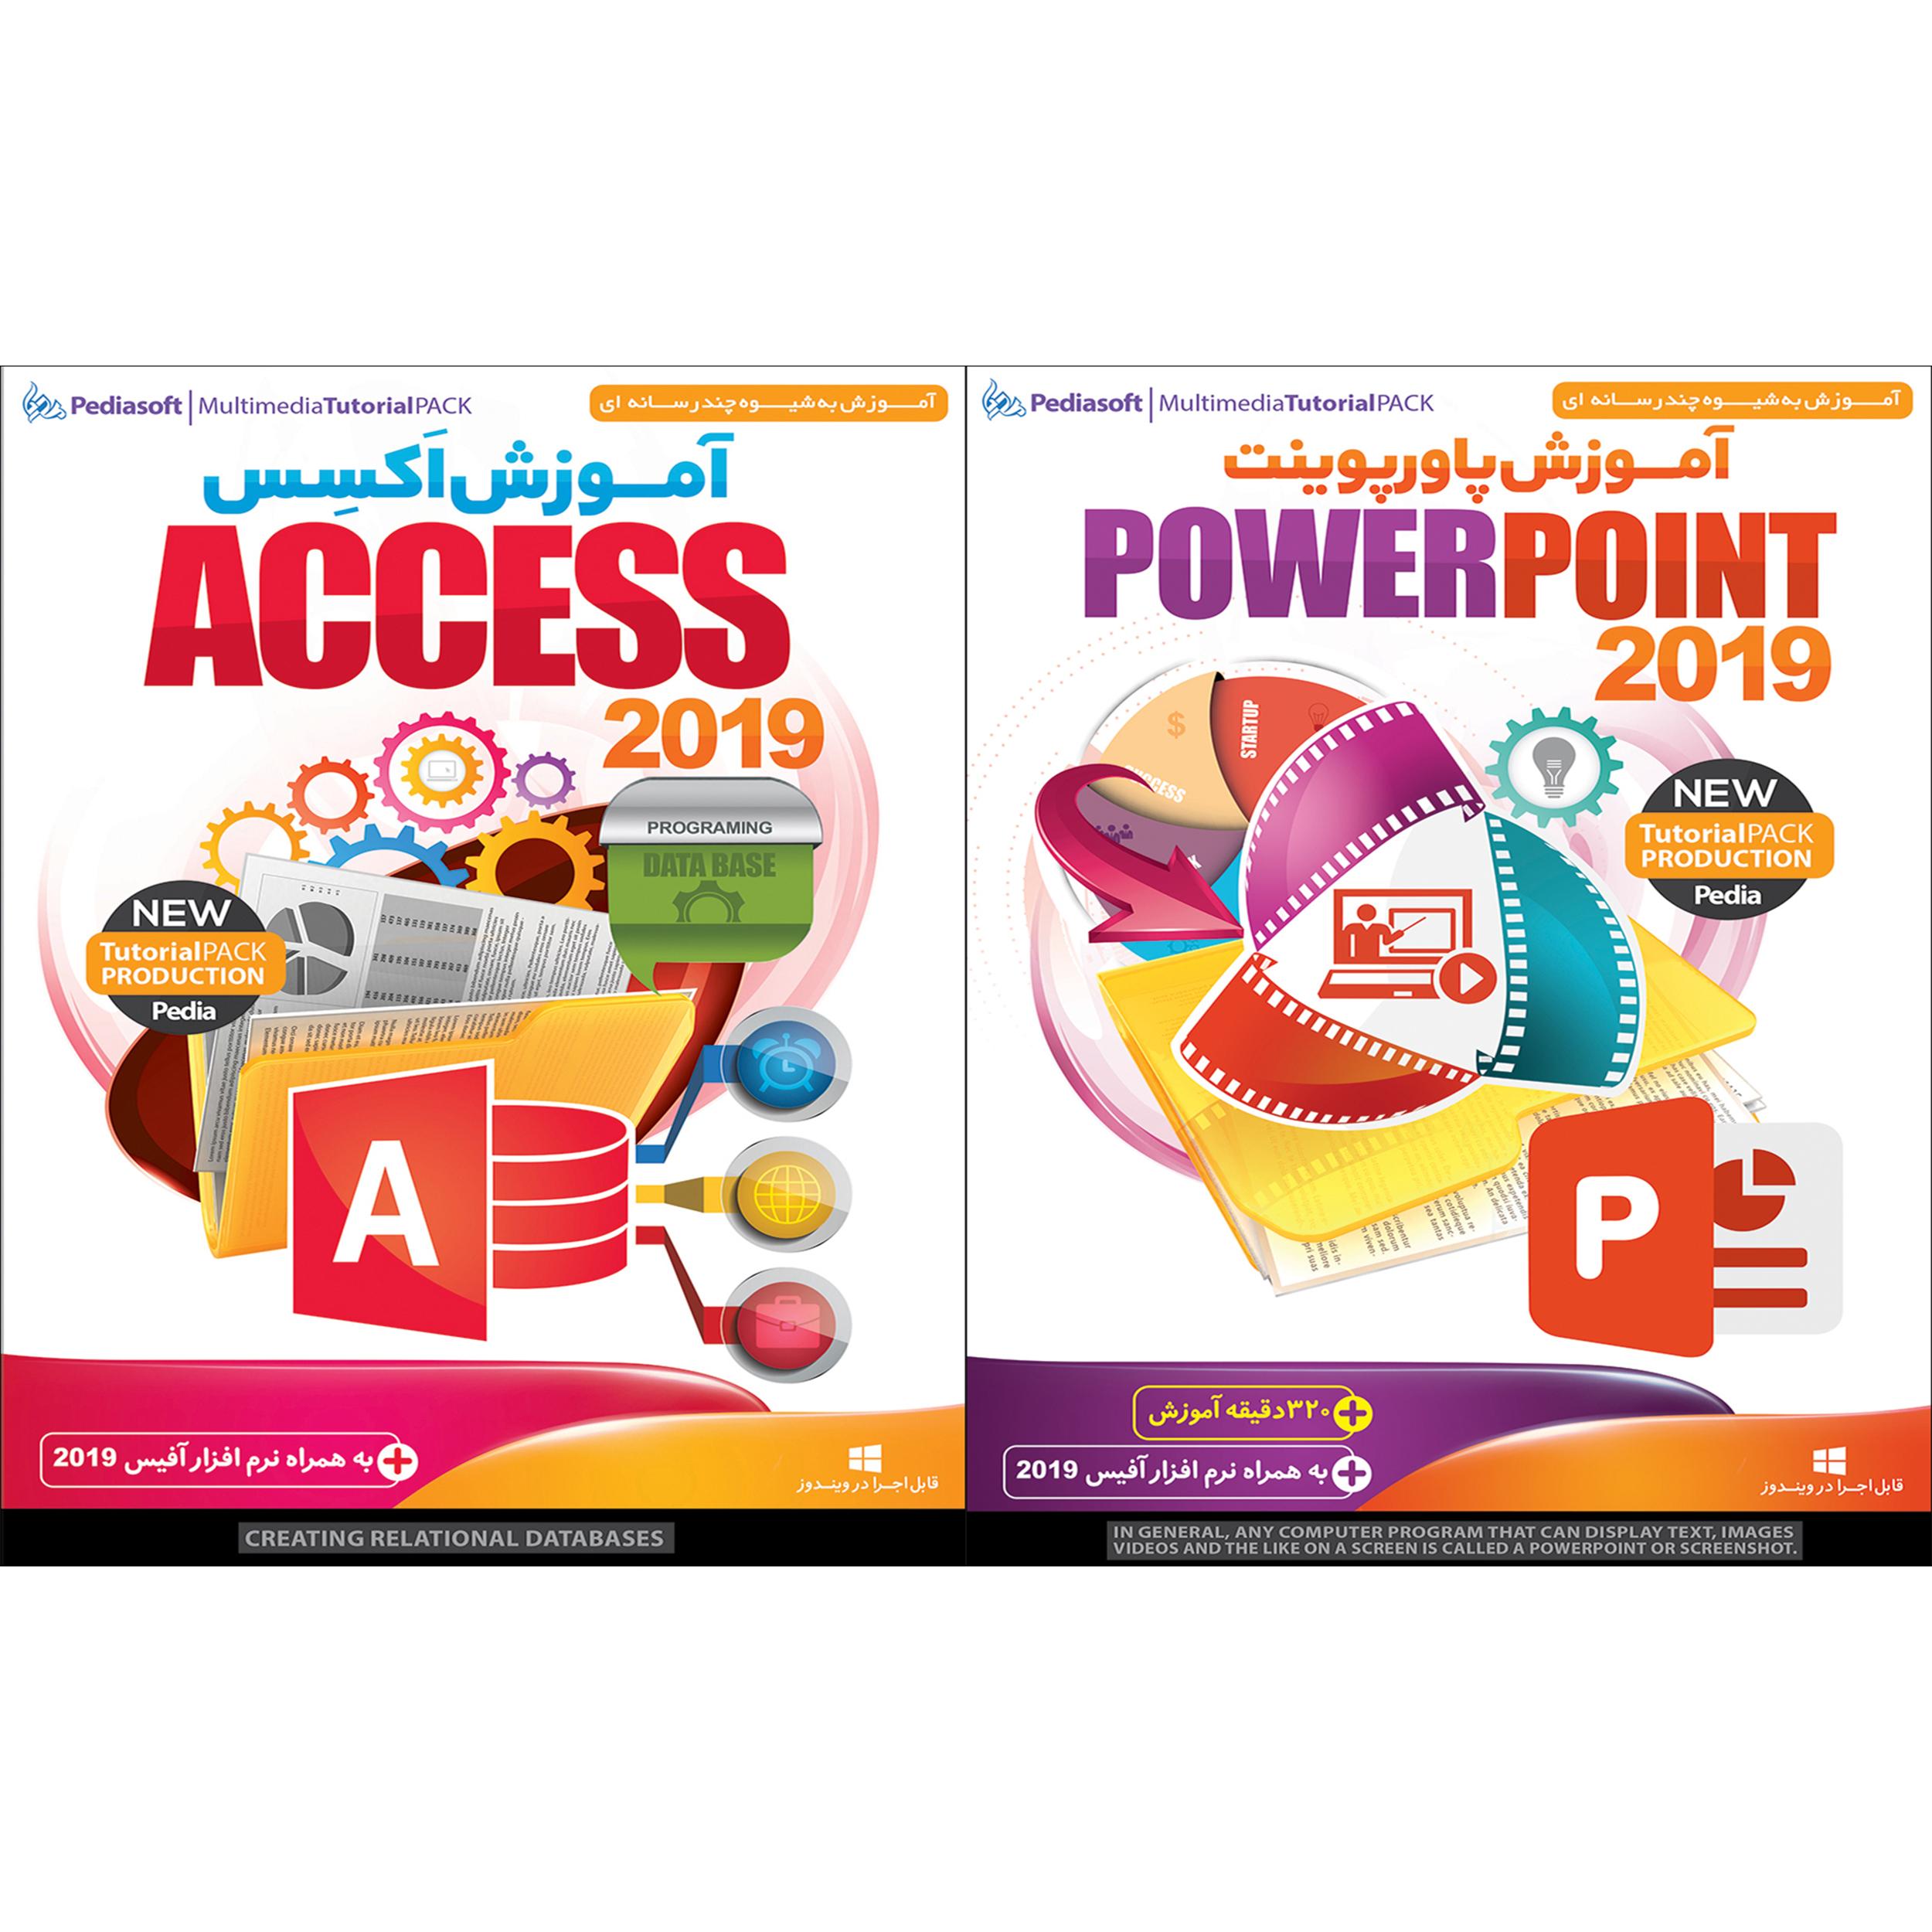 نرم افزار آموزش پاورپوینت Powerpoint 2019 نشر پدیا سافت به همراه نرم افزار آموزش اکسس Access 2019 نشر پدیا سافت